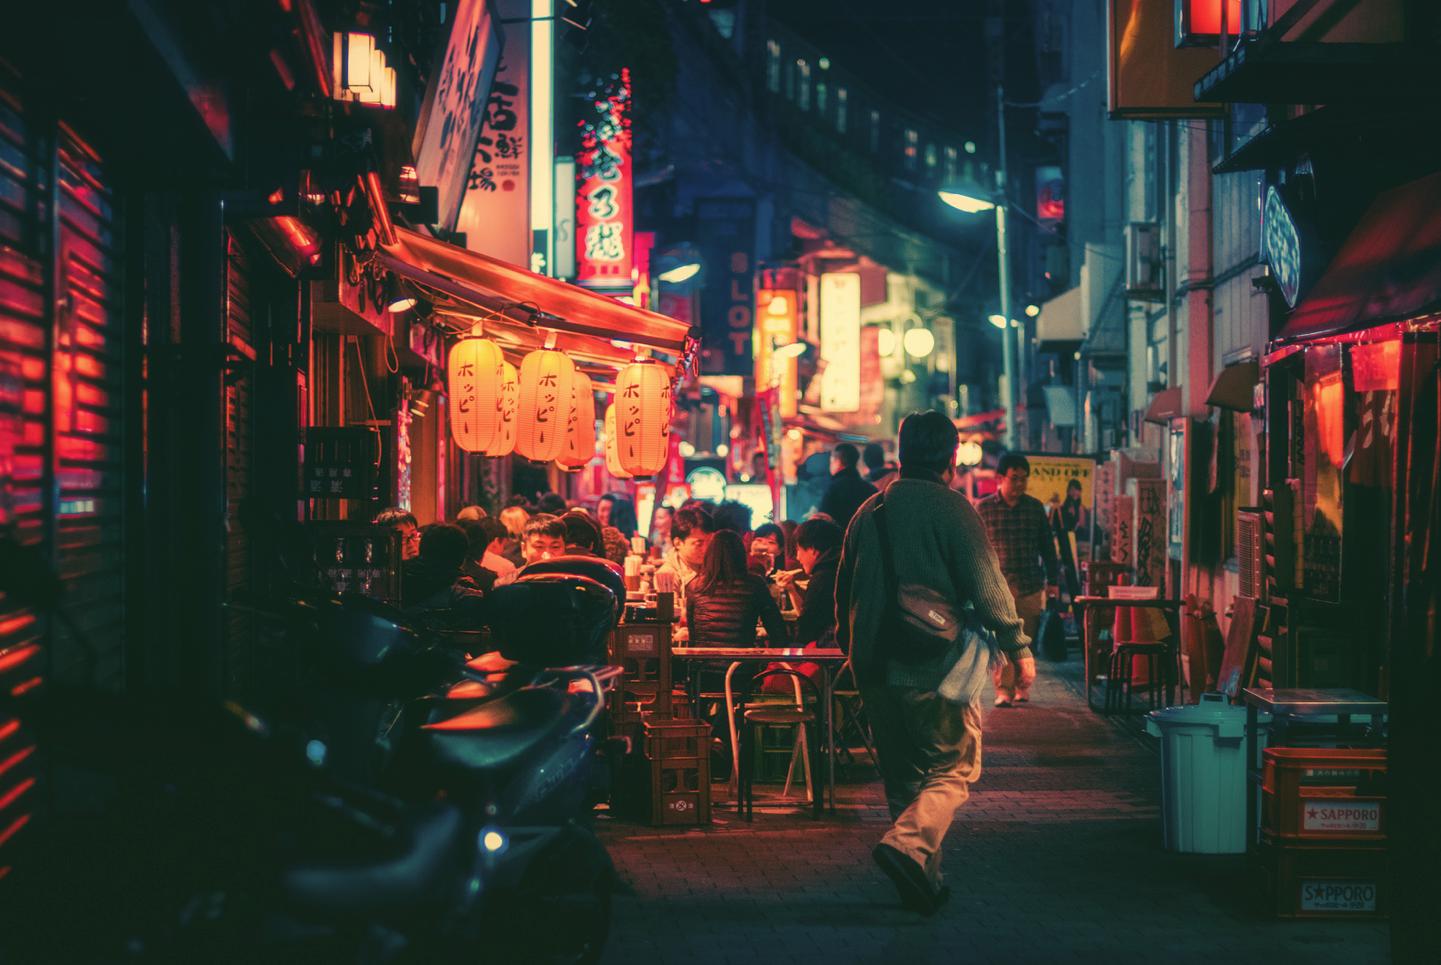 Tokyo-Nuit-13